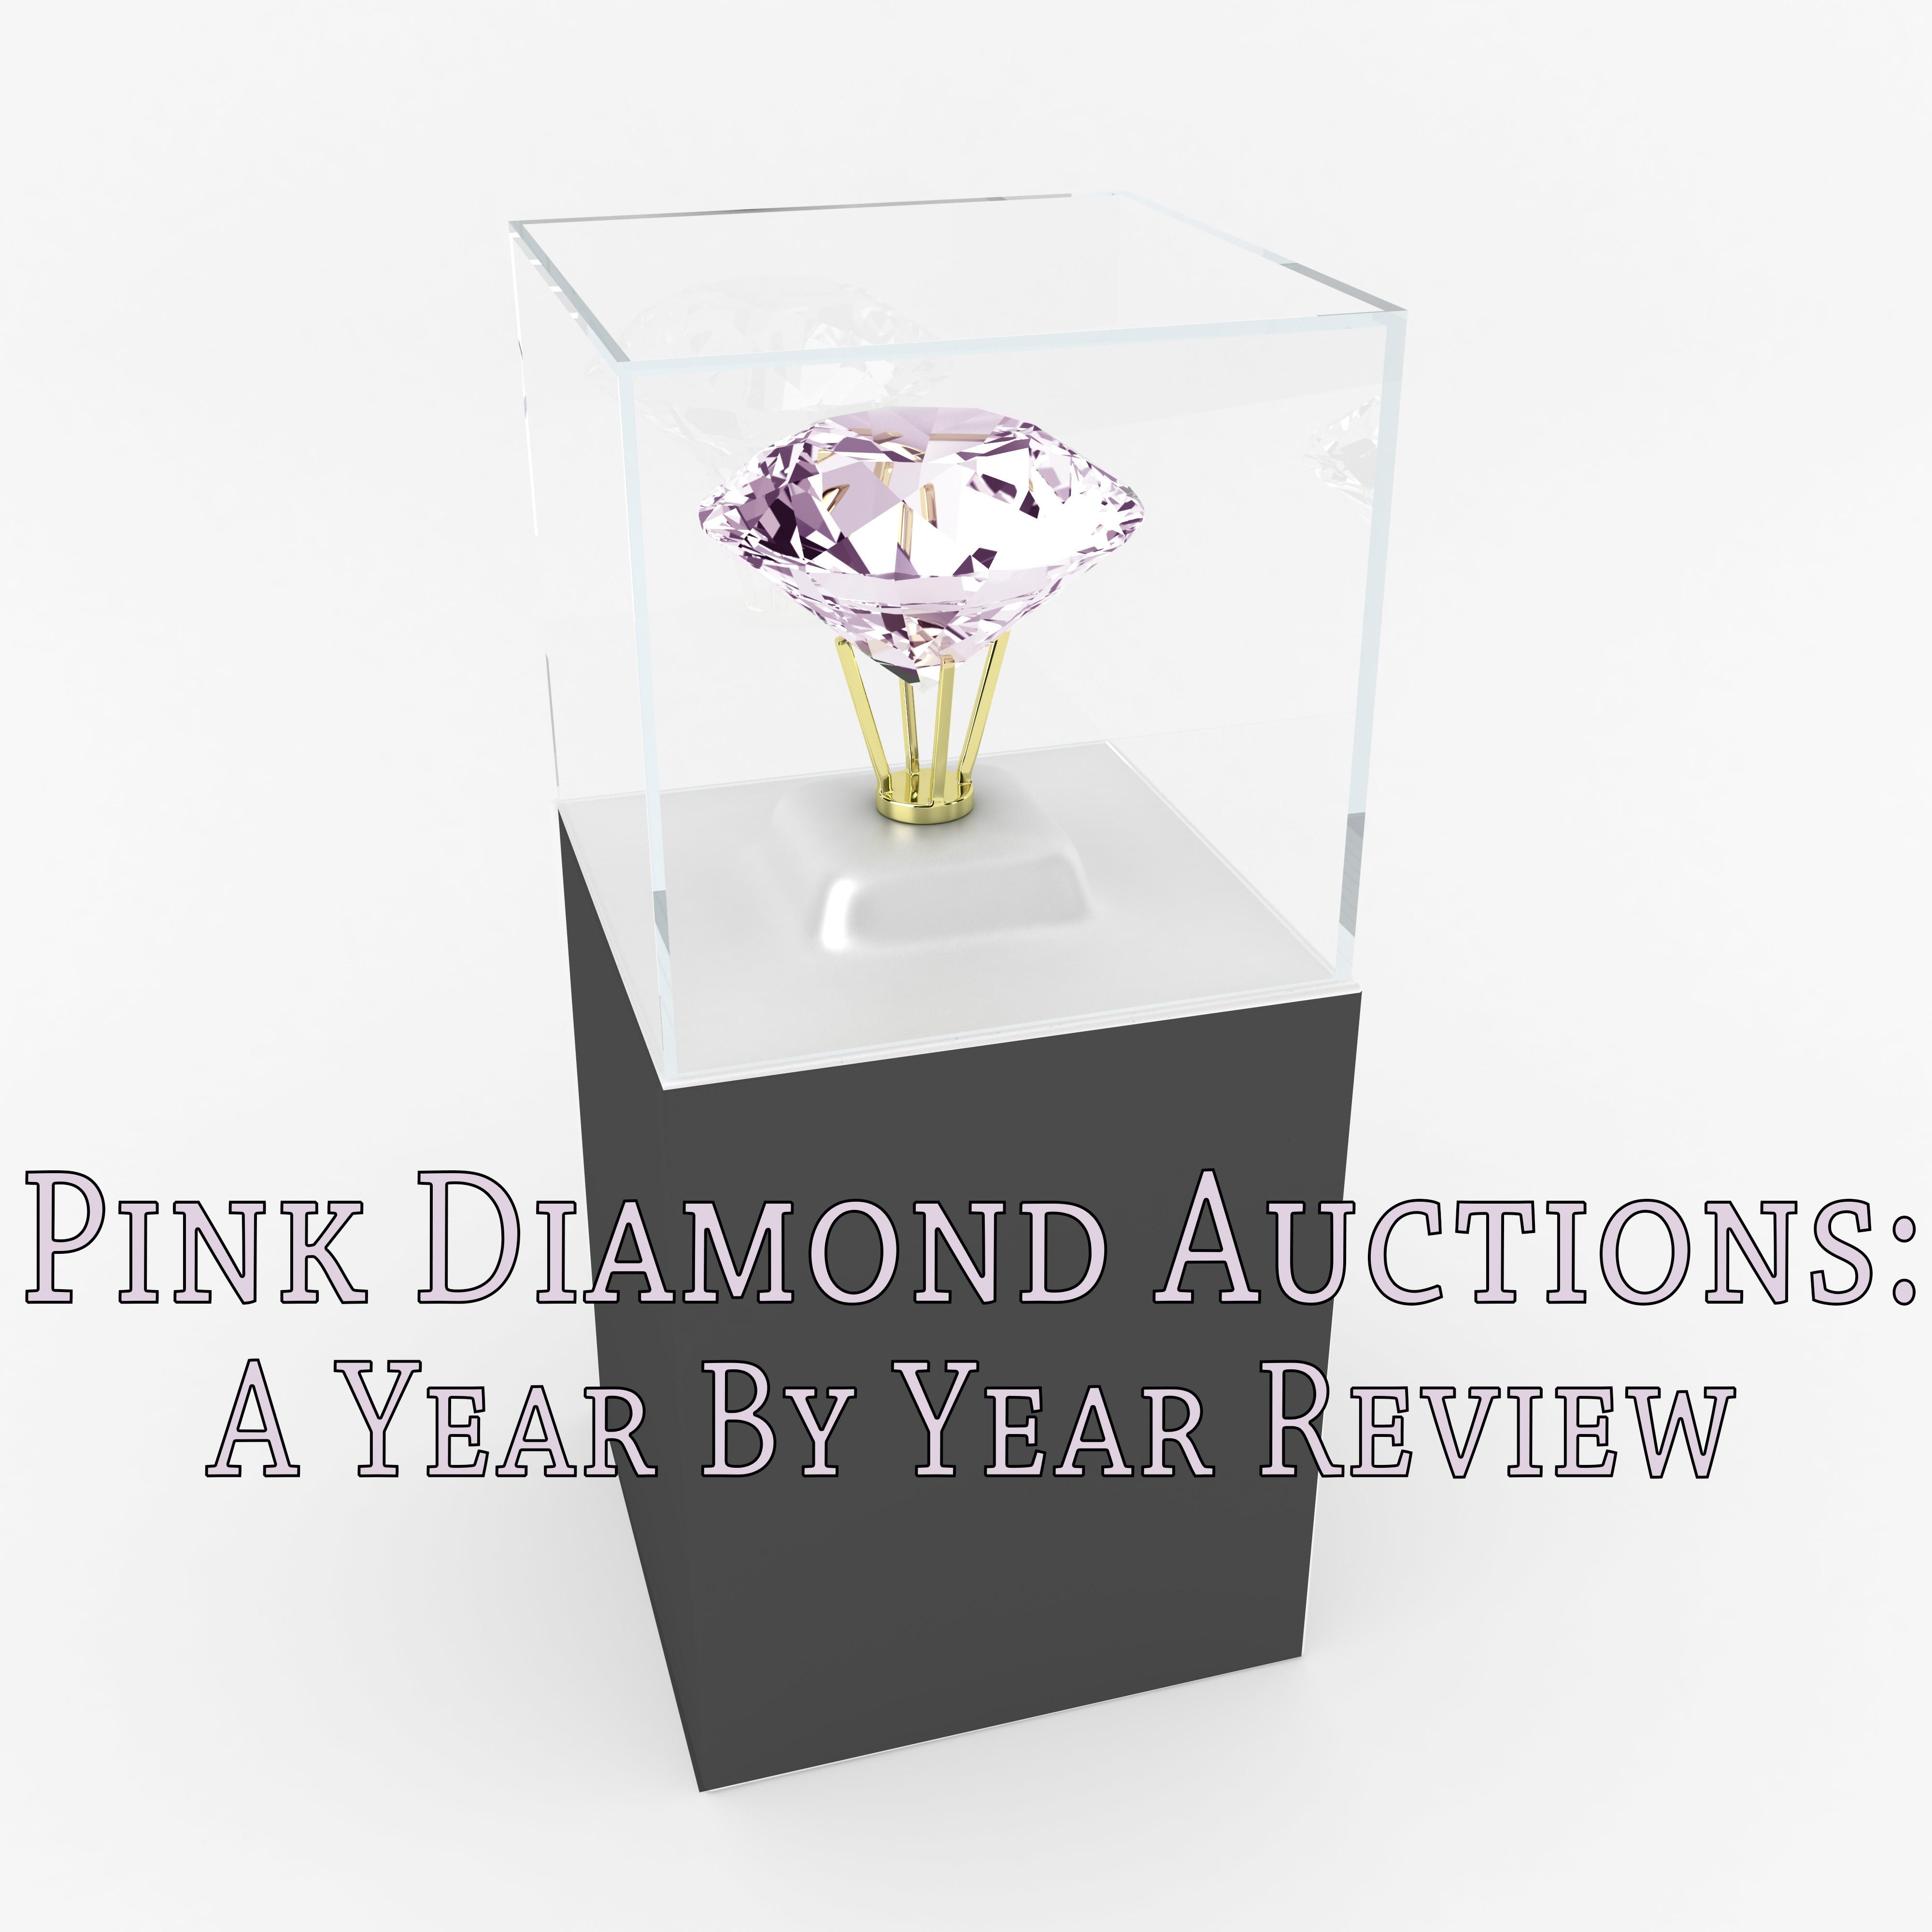 pink_diamond_auctions.jpg